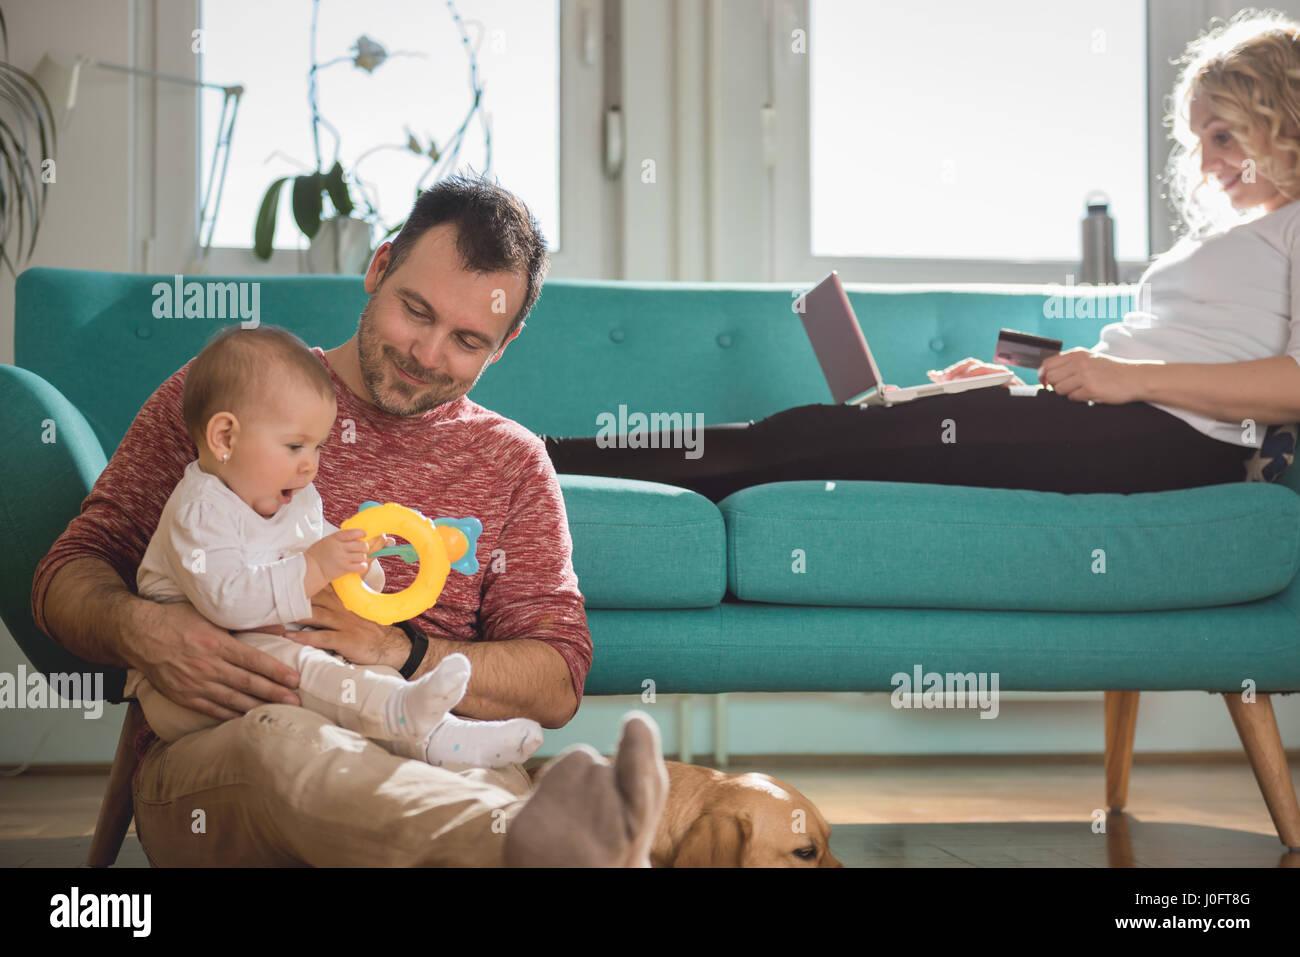 Padre sentados en el suelo y sujetando el bebé en sus brazos, mientras su esposa, sentado en el sofá y Imagen De Stock